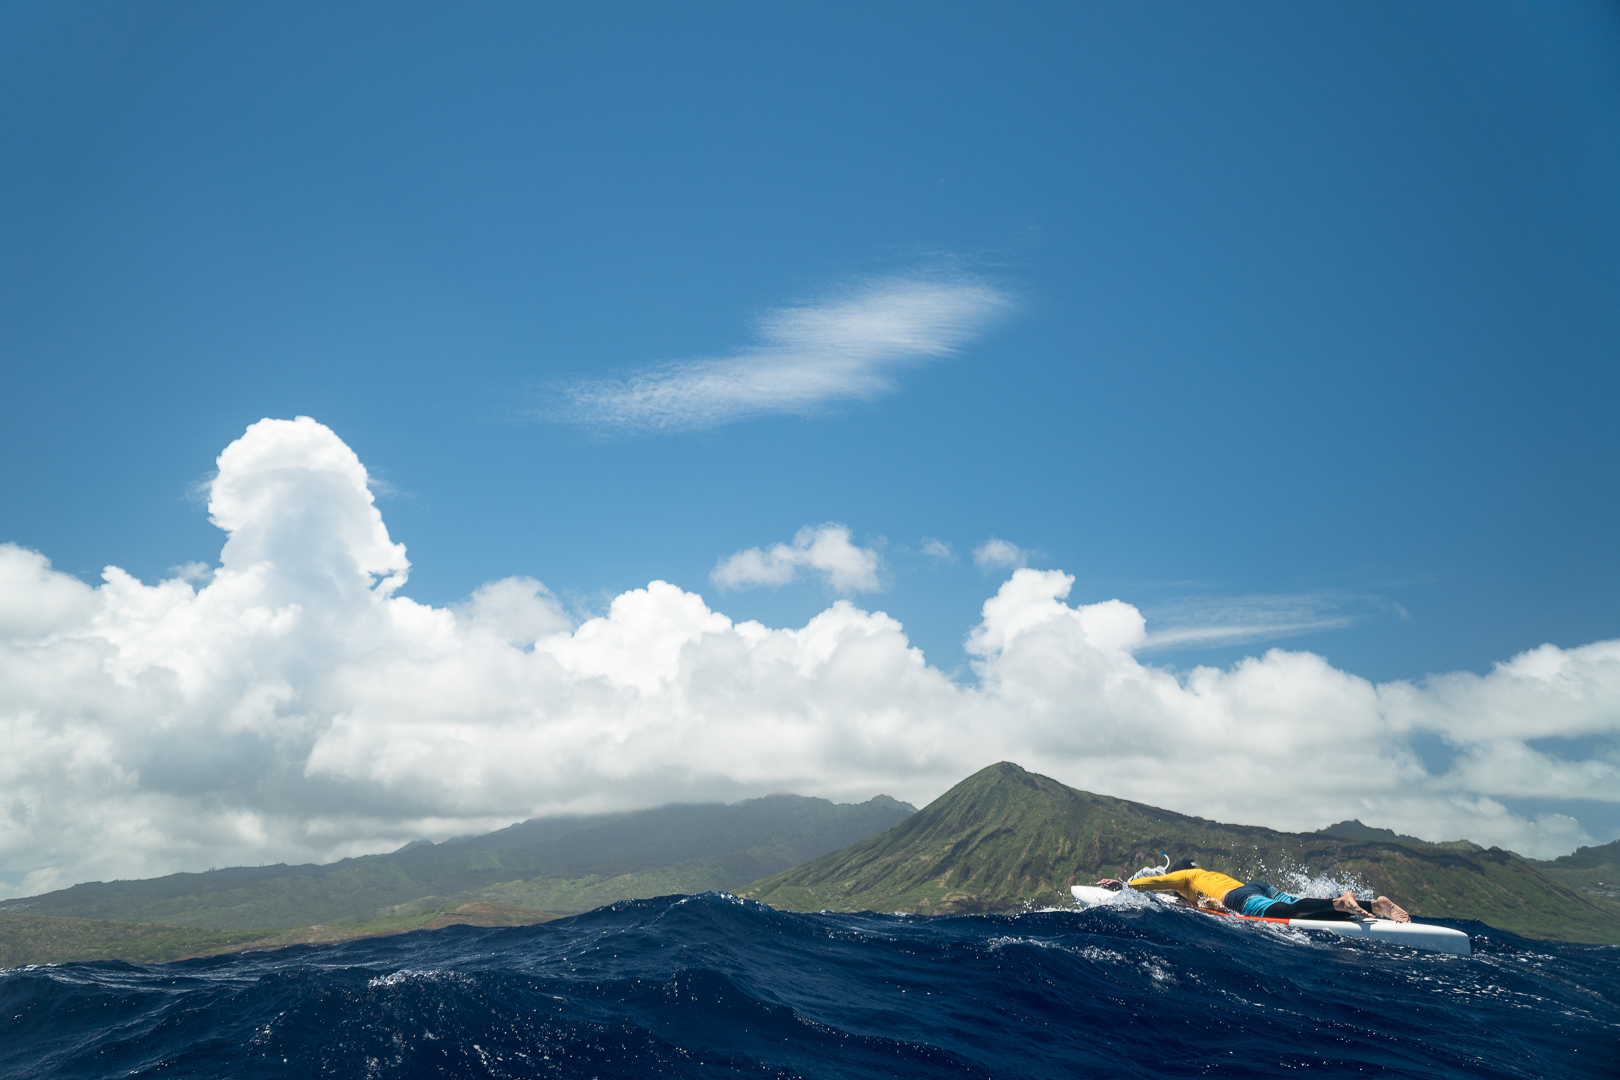 2019-07-28_-_Molokai_2_Oahu_000052.jpg